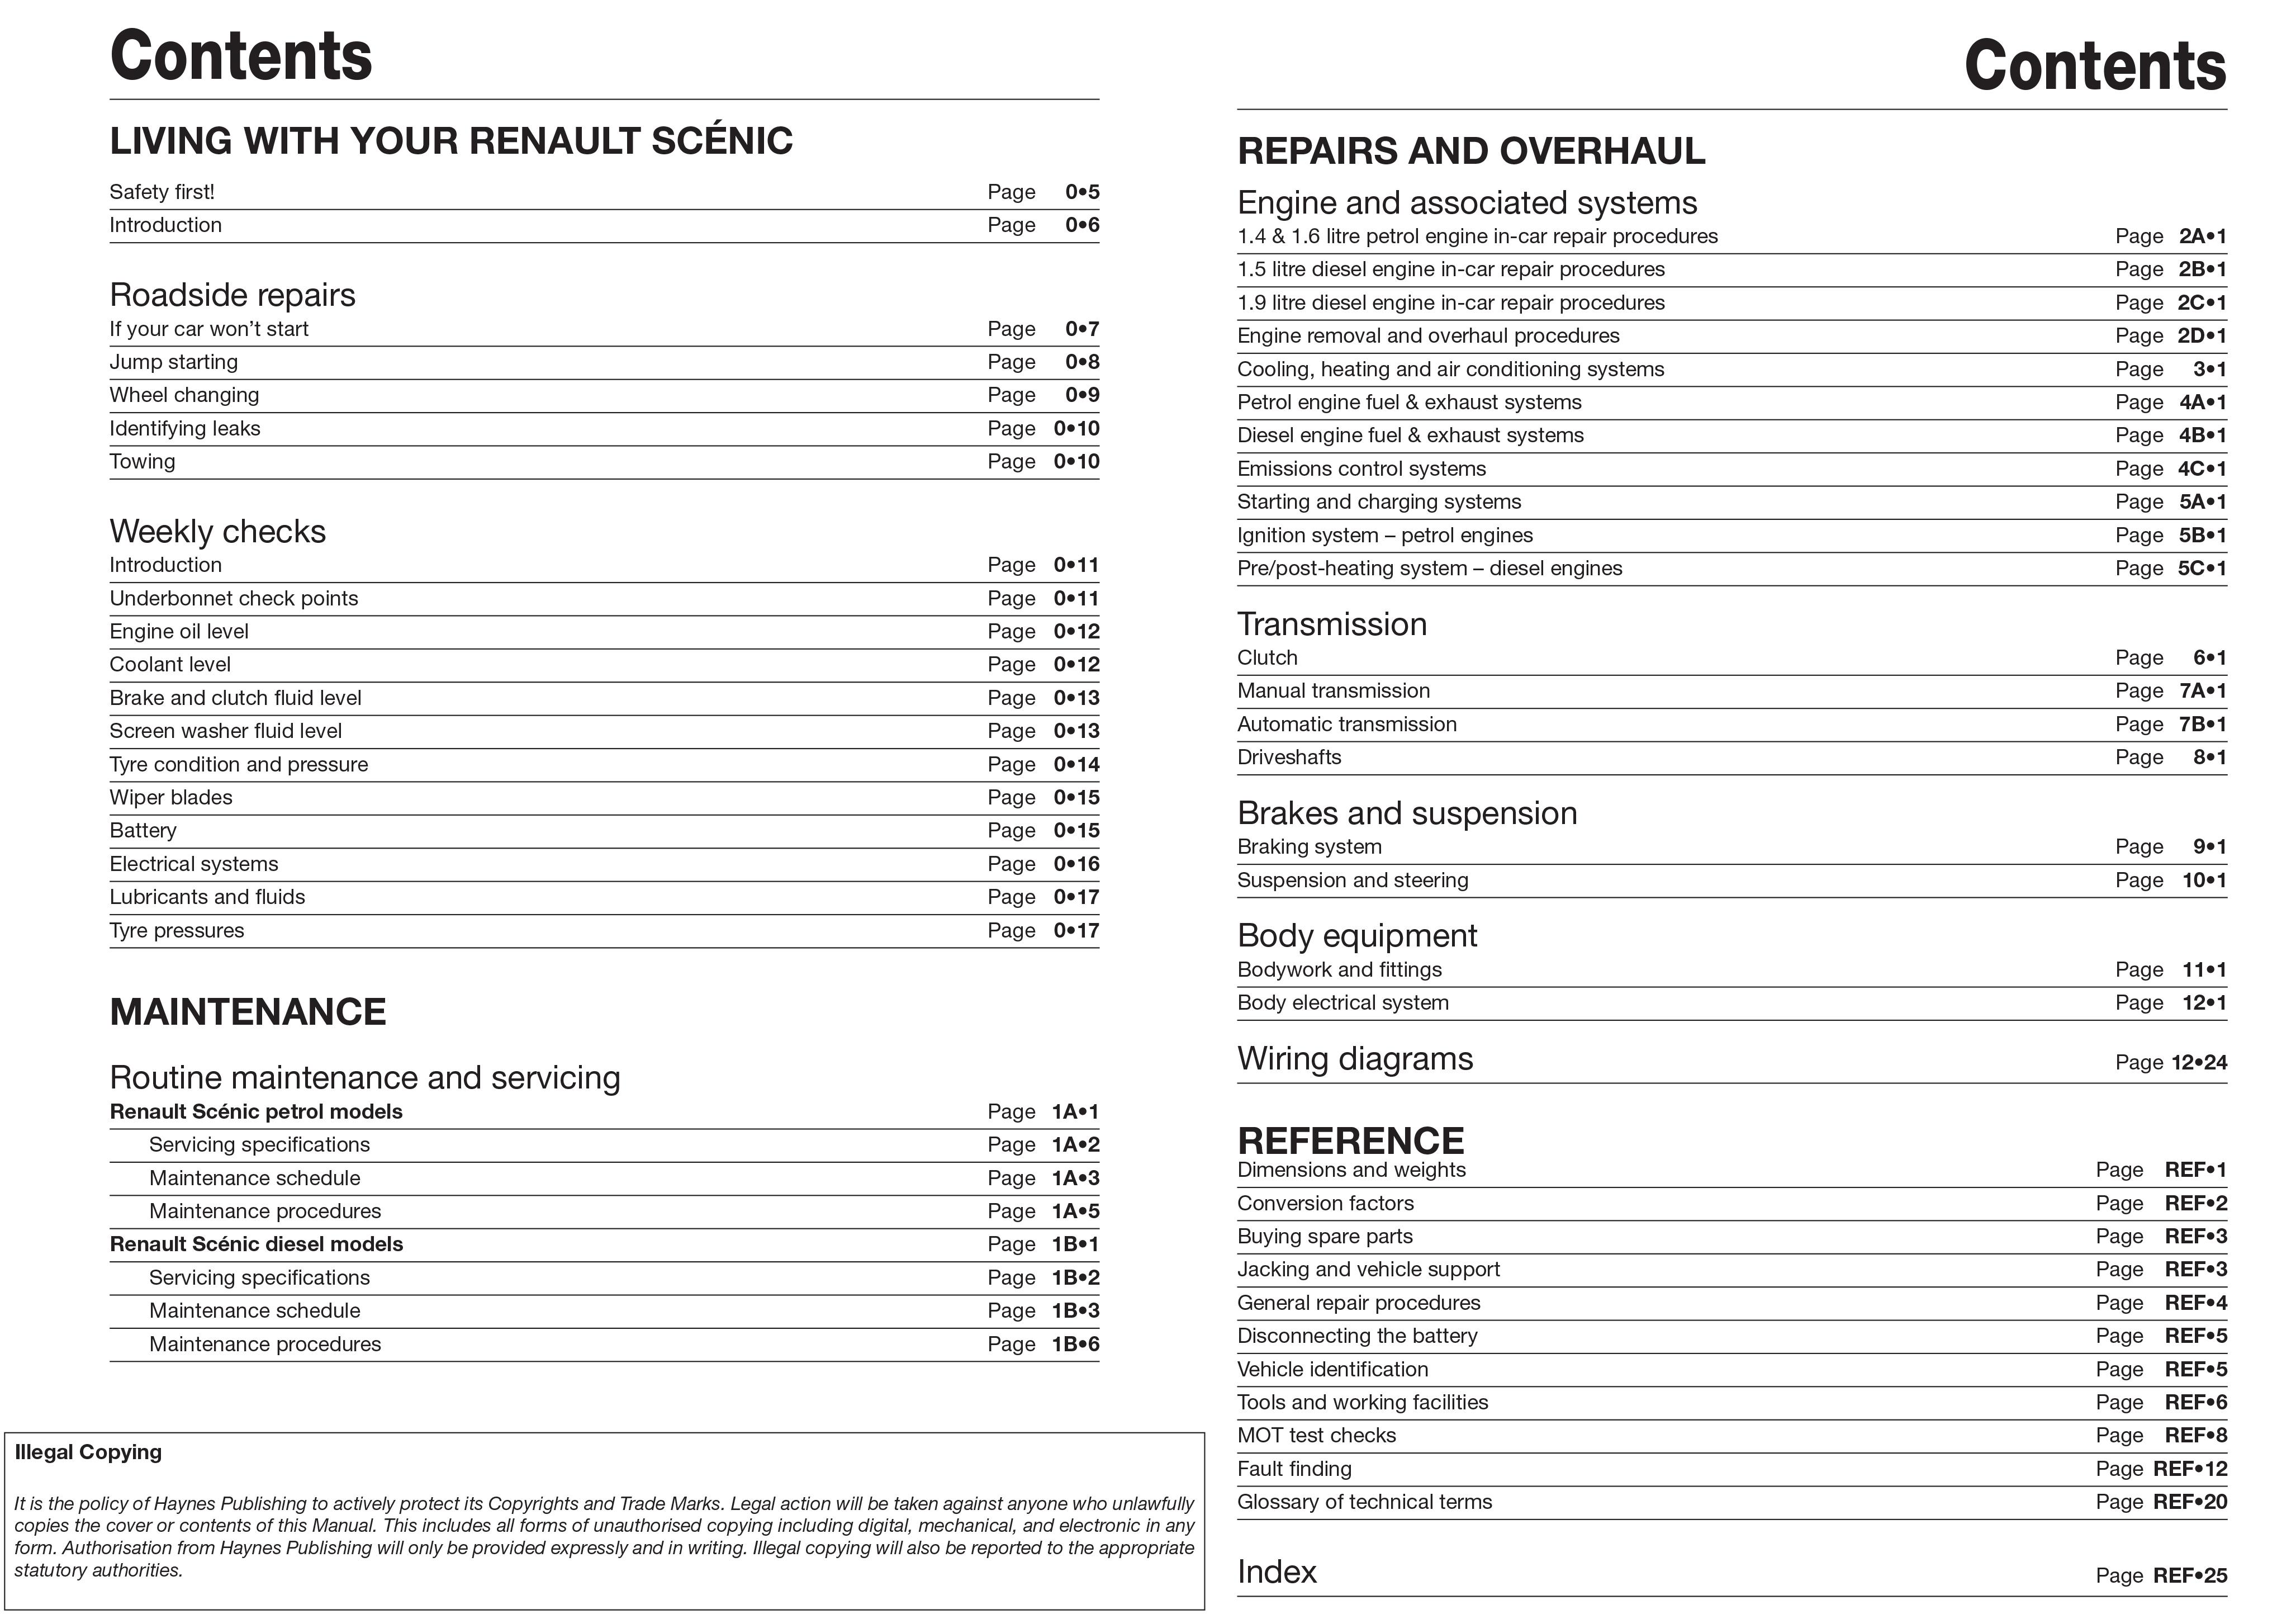 Renault scenic petrol diesel sept 03 06 haynes repair manual renault scenic petrol diesel sept 03 06 haynes repair manual publicscrutiny Choice Image